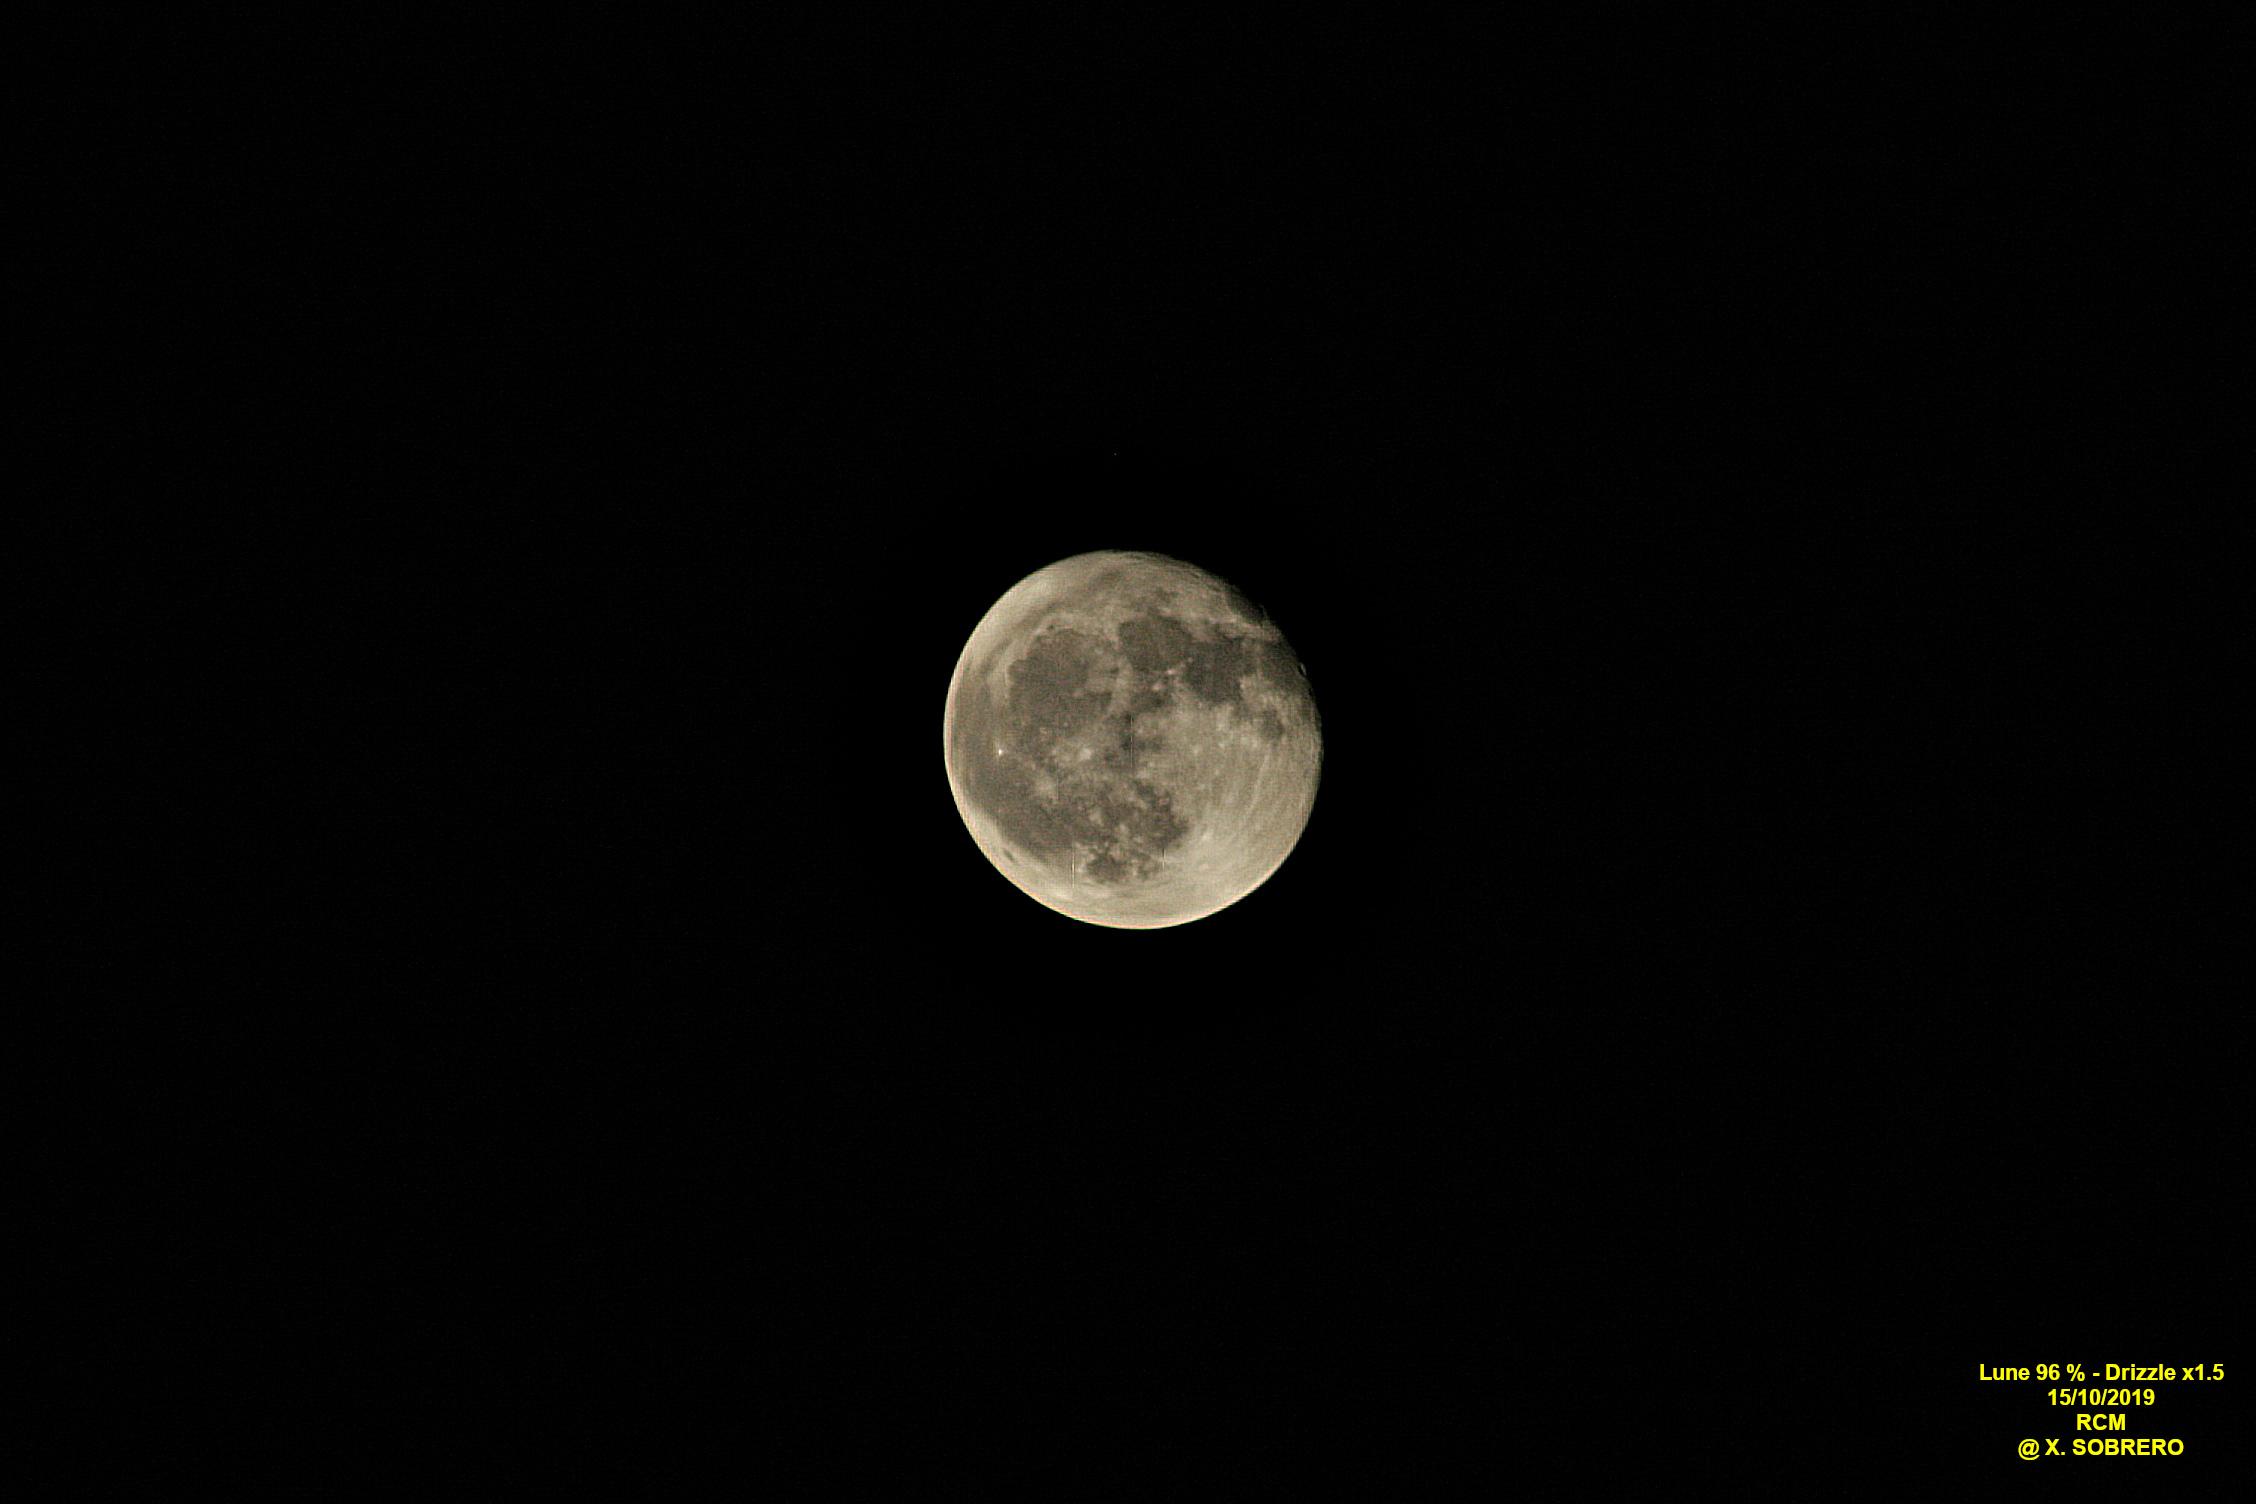 Lune du 15/10/2019 (96%)